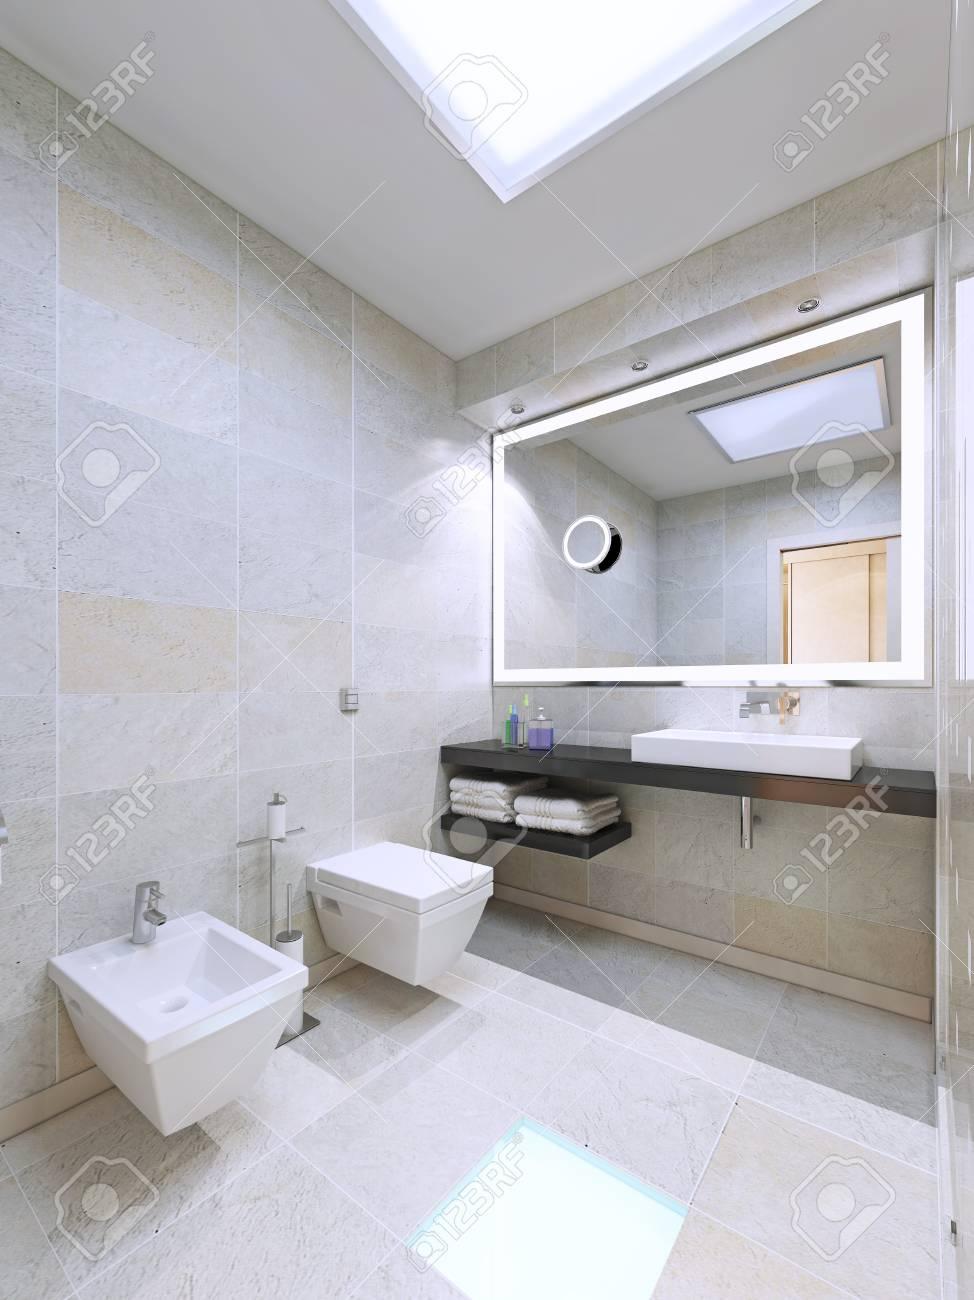 Cuarto de baño en el diseño minimalista. El uso de grandes lámparas de  interior moderno. 3D rinden